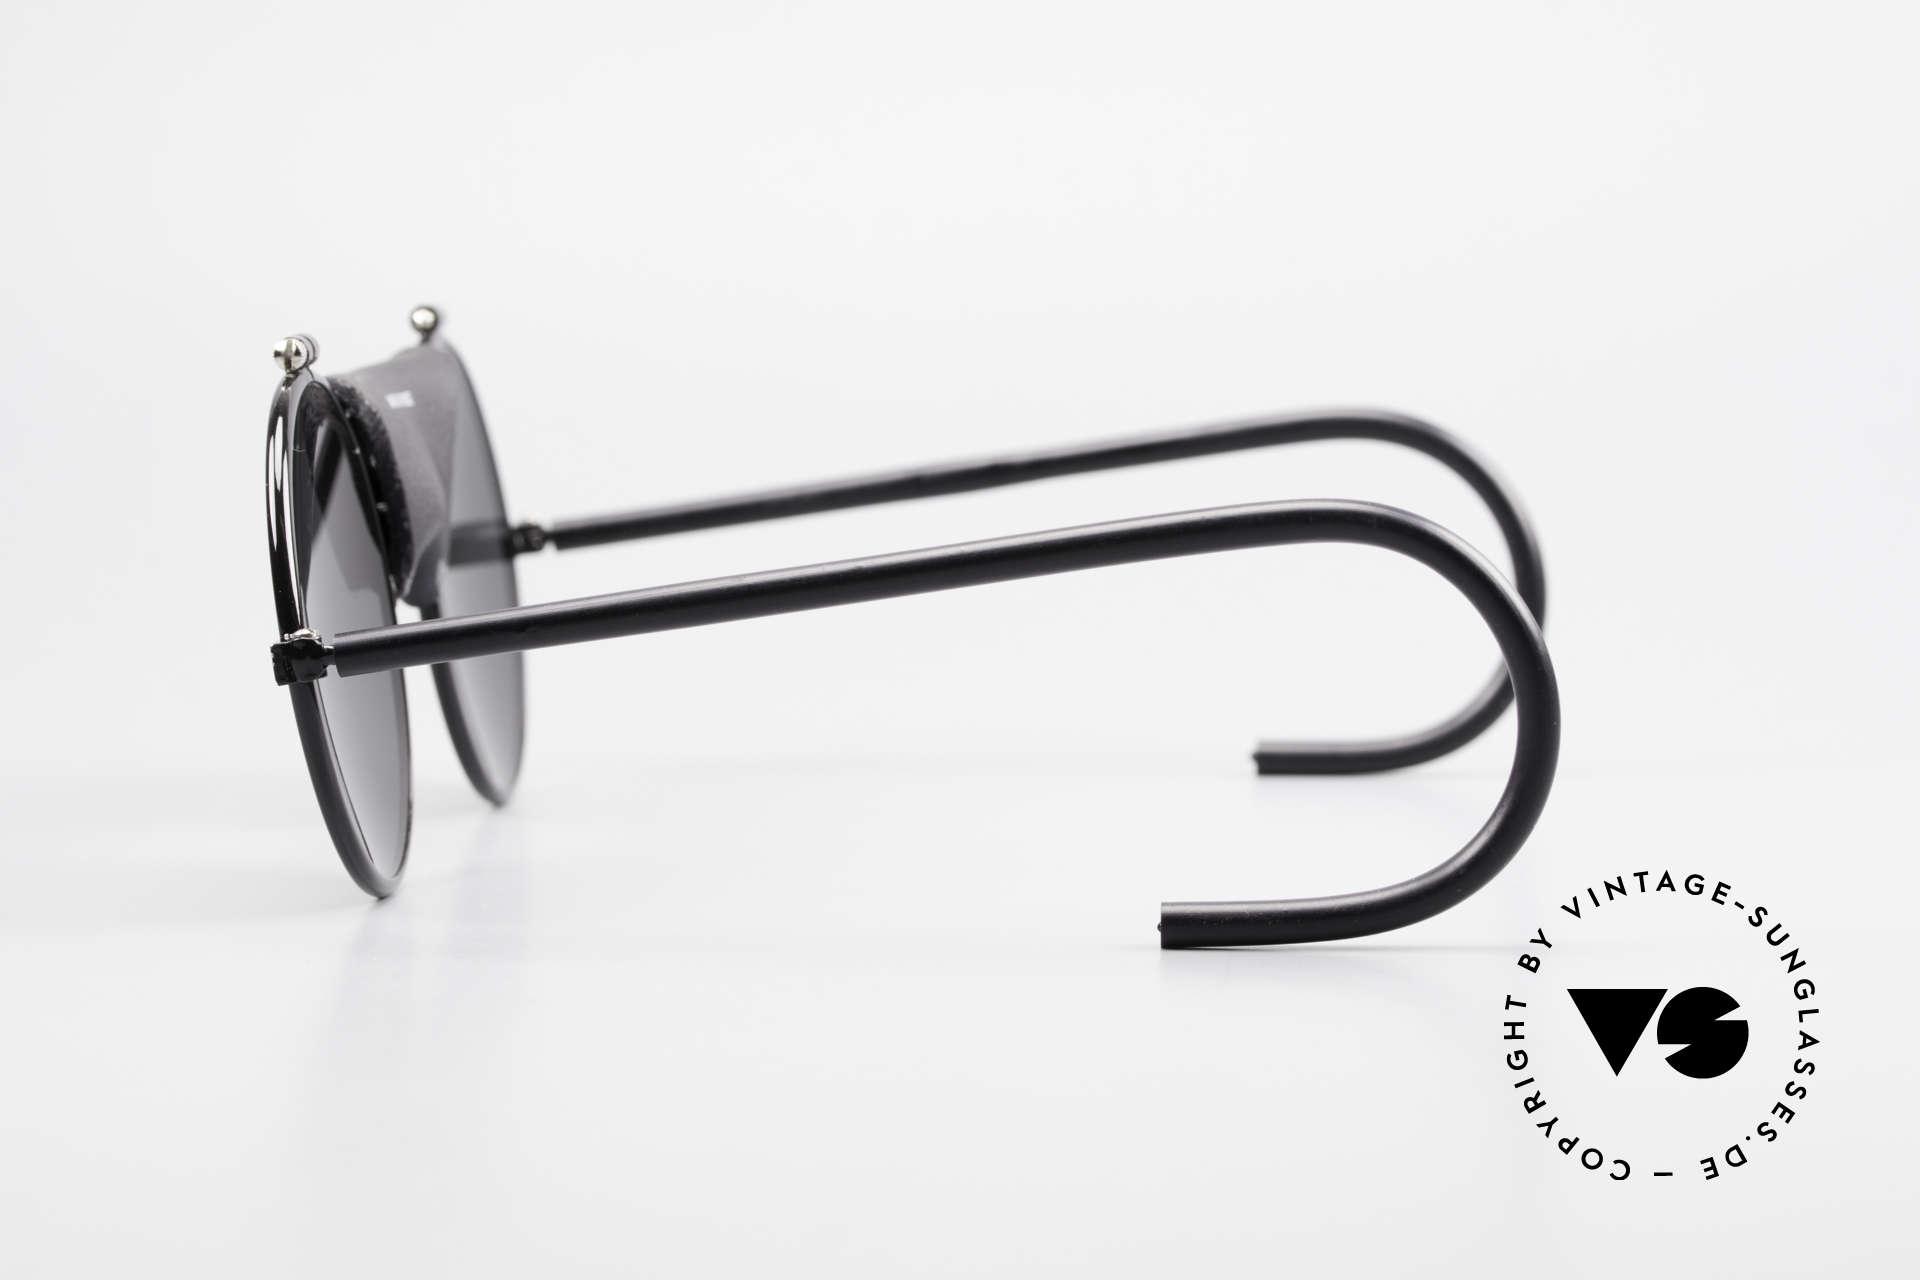 Julbo Vermont Runde Sport Sonnenbrille 90er, Größe: medium, Passend für Herren